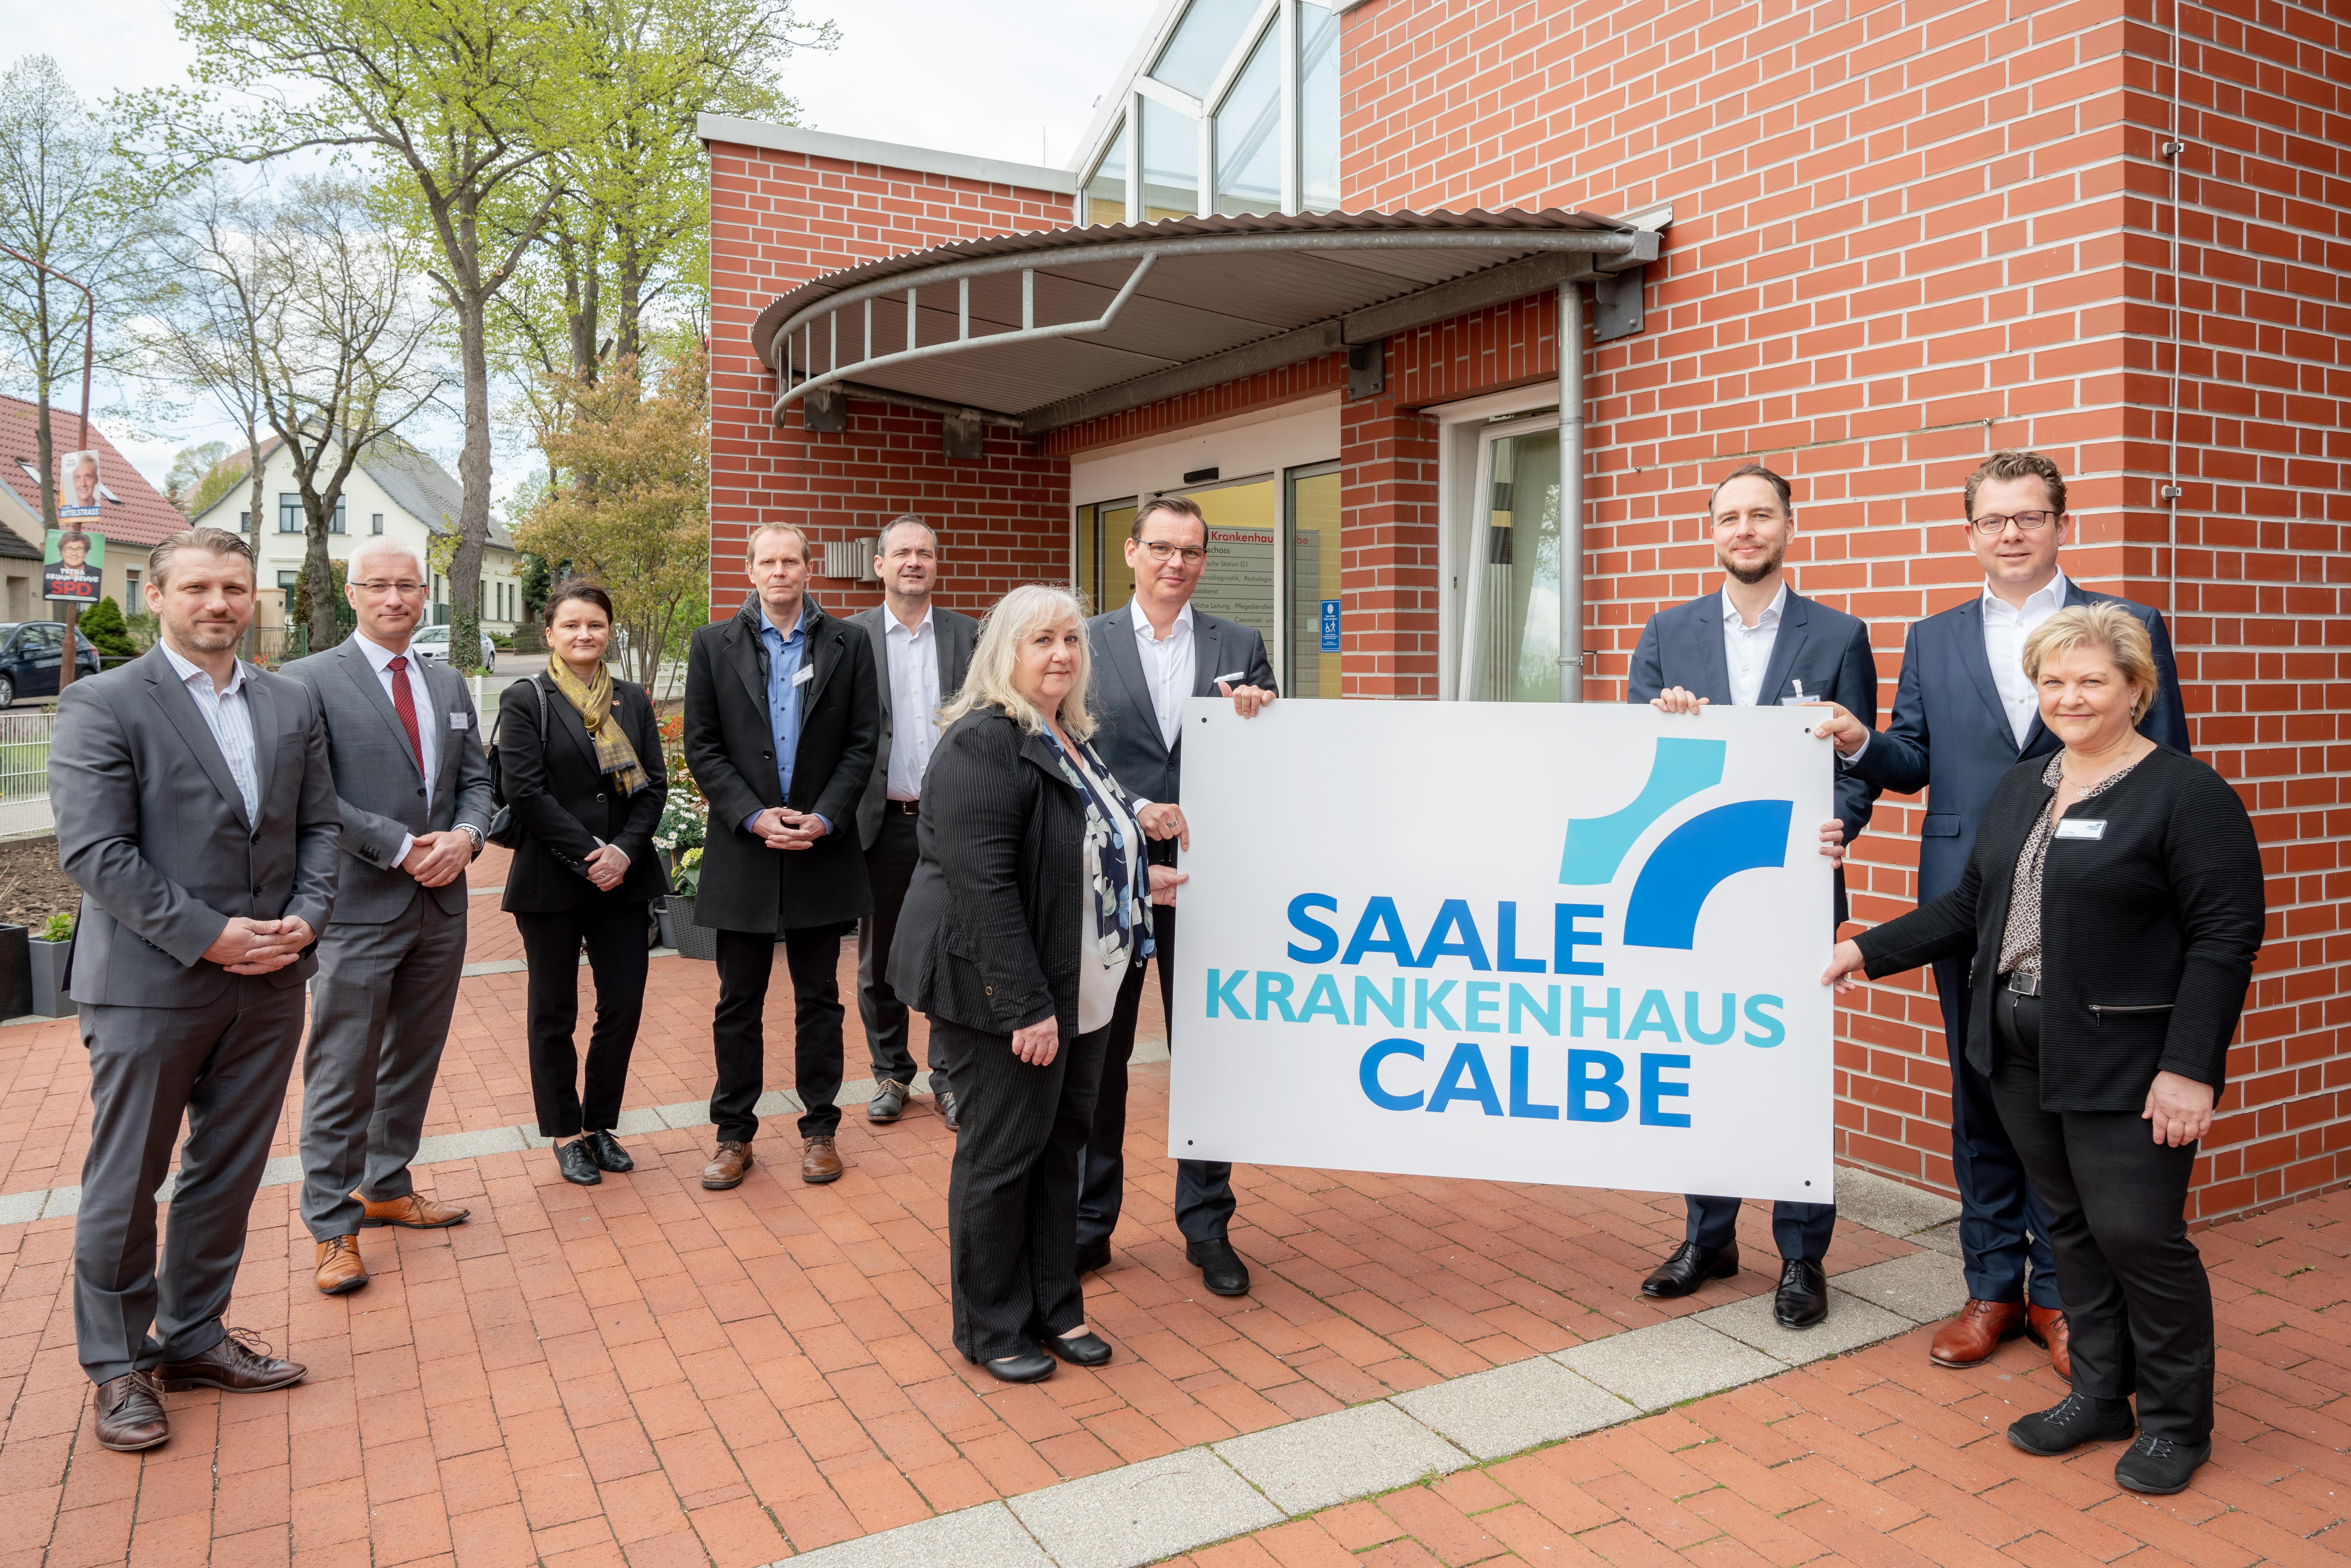 """Übergabe des neuen Eingangsschilds für das Krankenhaus Calbe, das seit dem 3. Mai 2021 einen neuen Namen hat: """"Saale-Krankenhaus Calbe – Klinik für Innere Medizin und Geriatrie/Altersmedizin""""."""